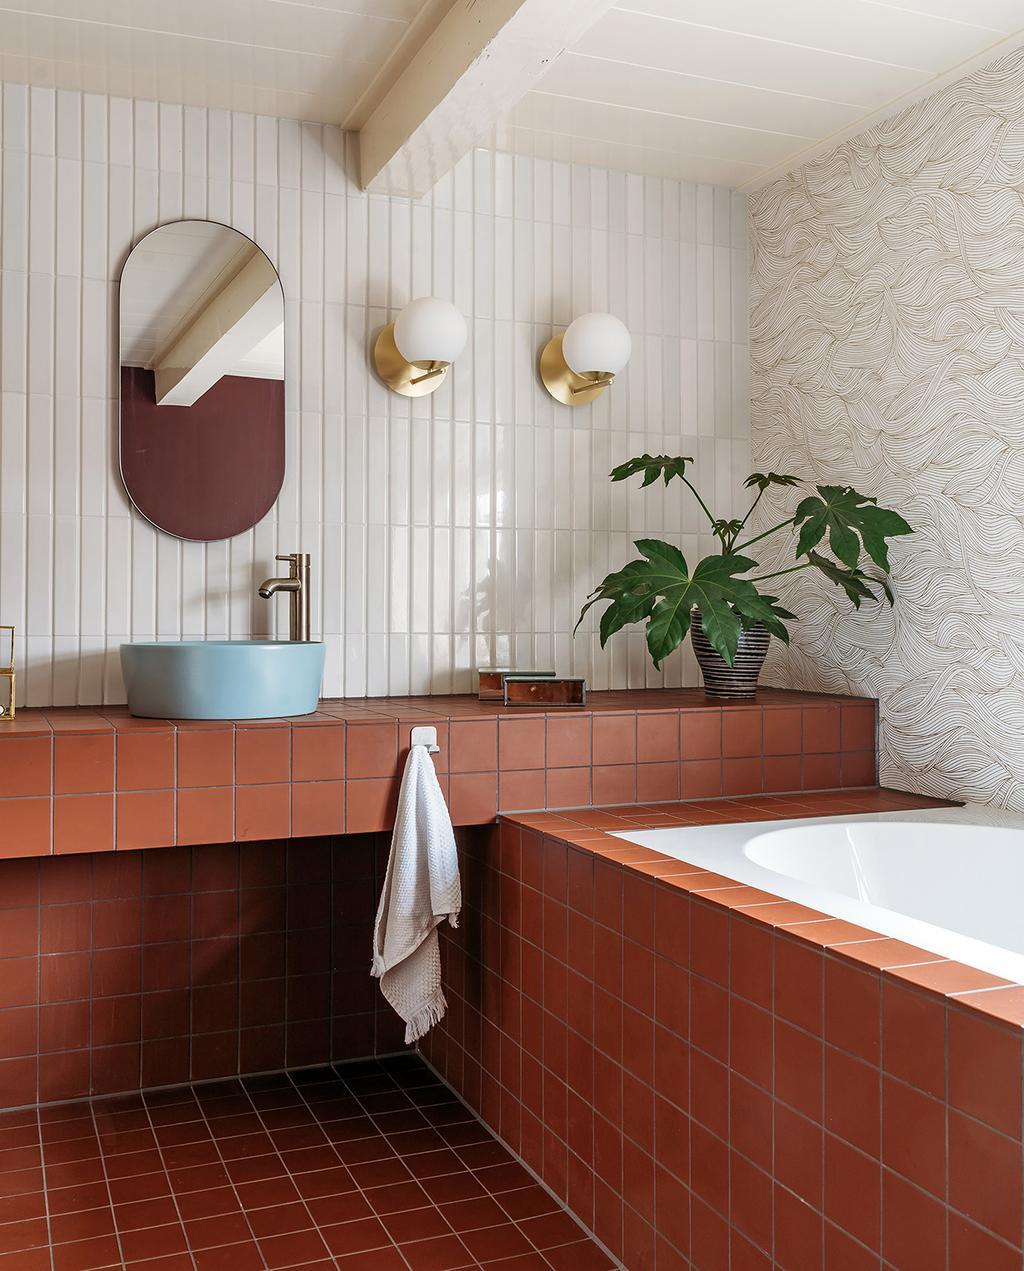 vtwonen 03-2021 | badkamer met terracotta tegels en uitstekende wandtegels